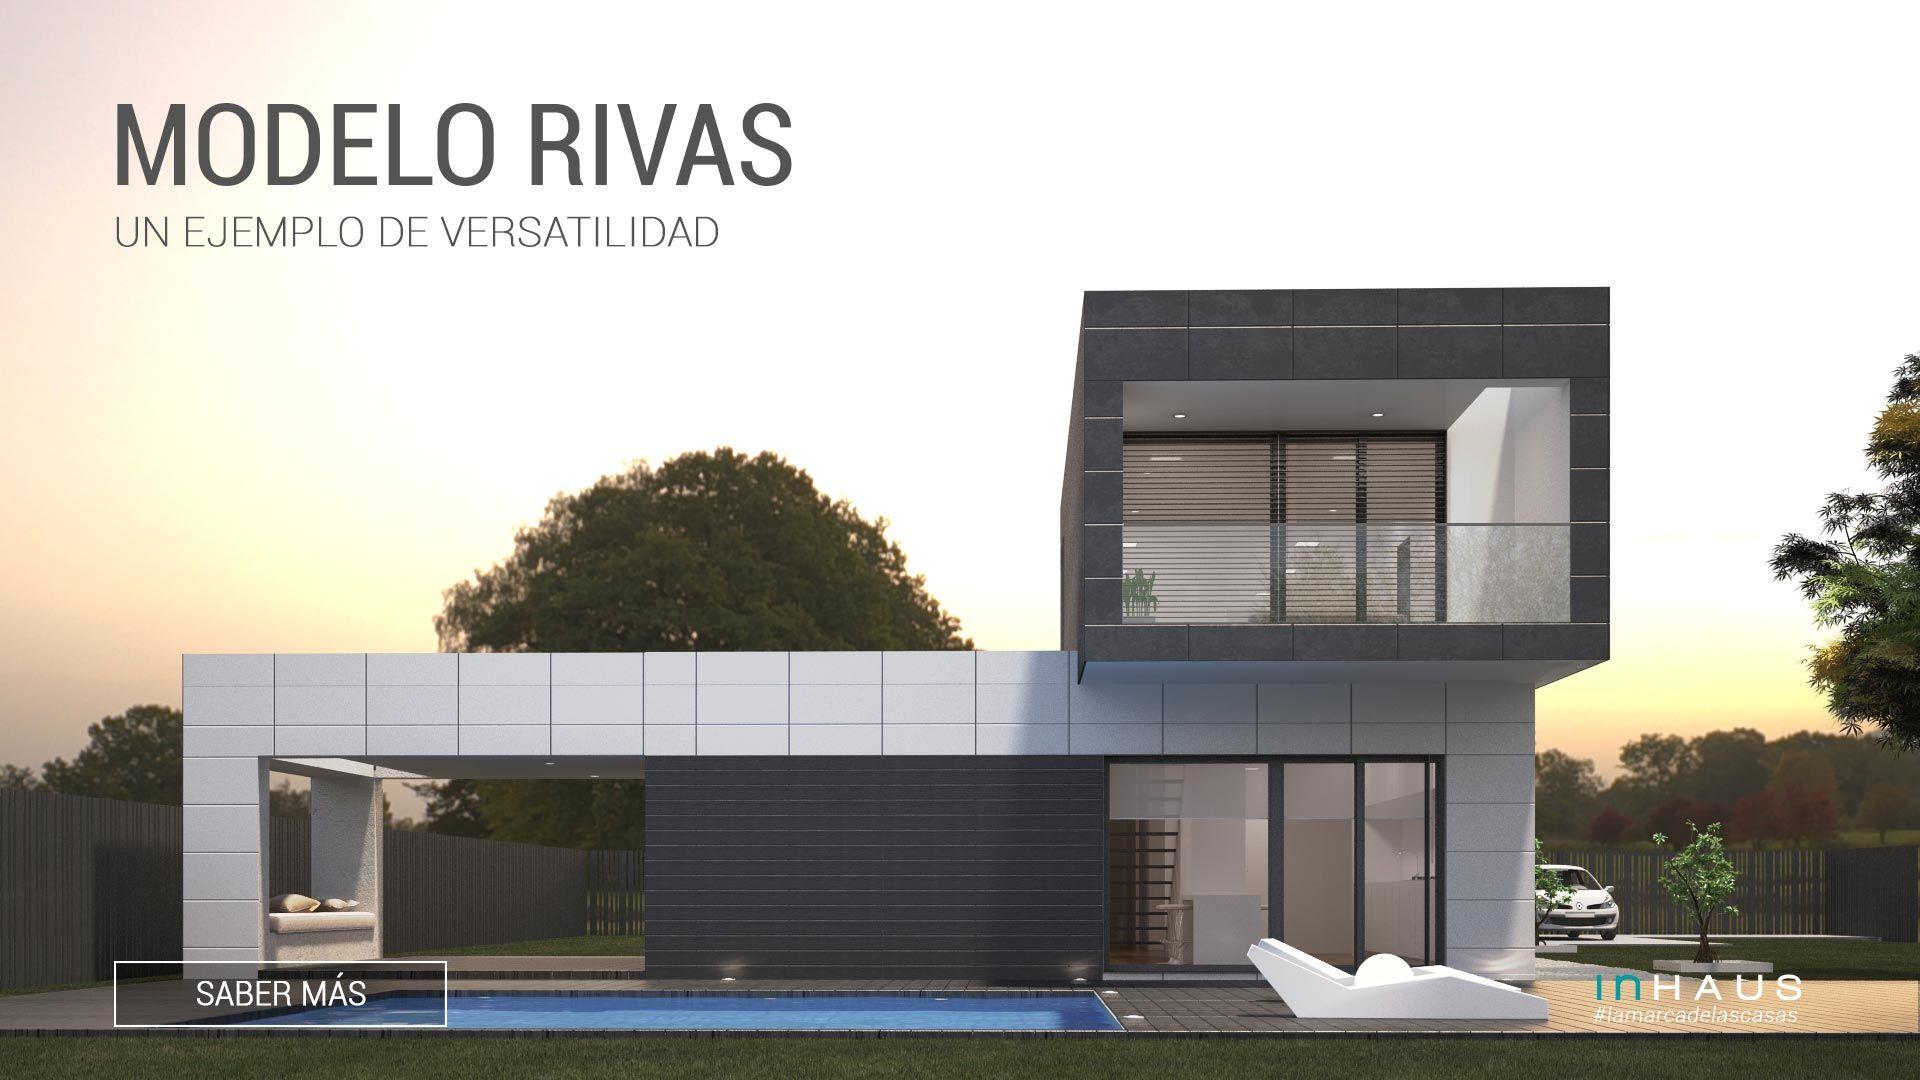 La casa modular de hormig n modelo rivas de casas inhaus cuenta con 4 habitaciones en planta - Vivir en una casa prefabricada ...